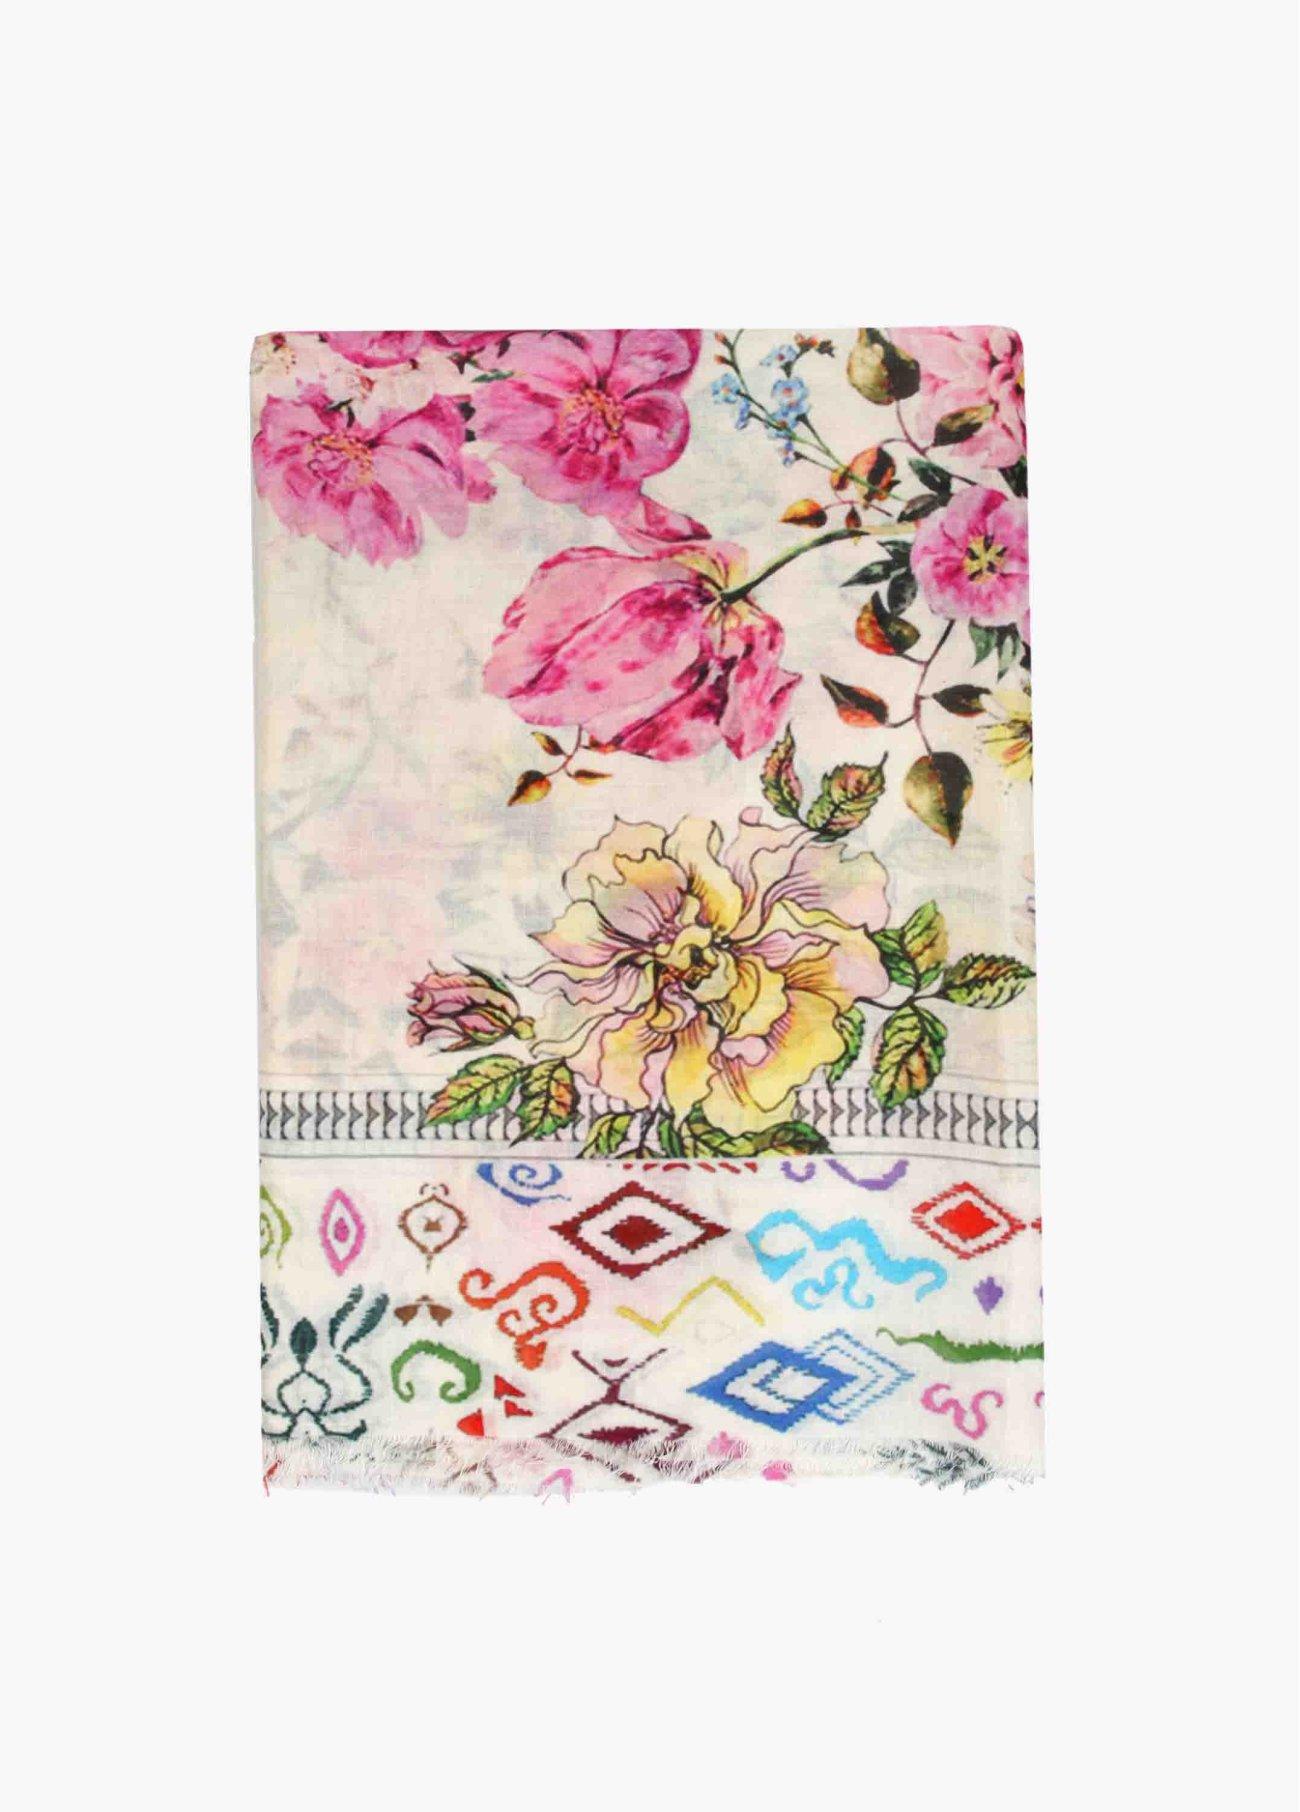 Pañuelo estampado fondo rosas y flores,  2